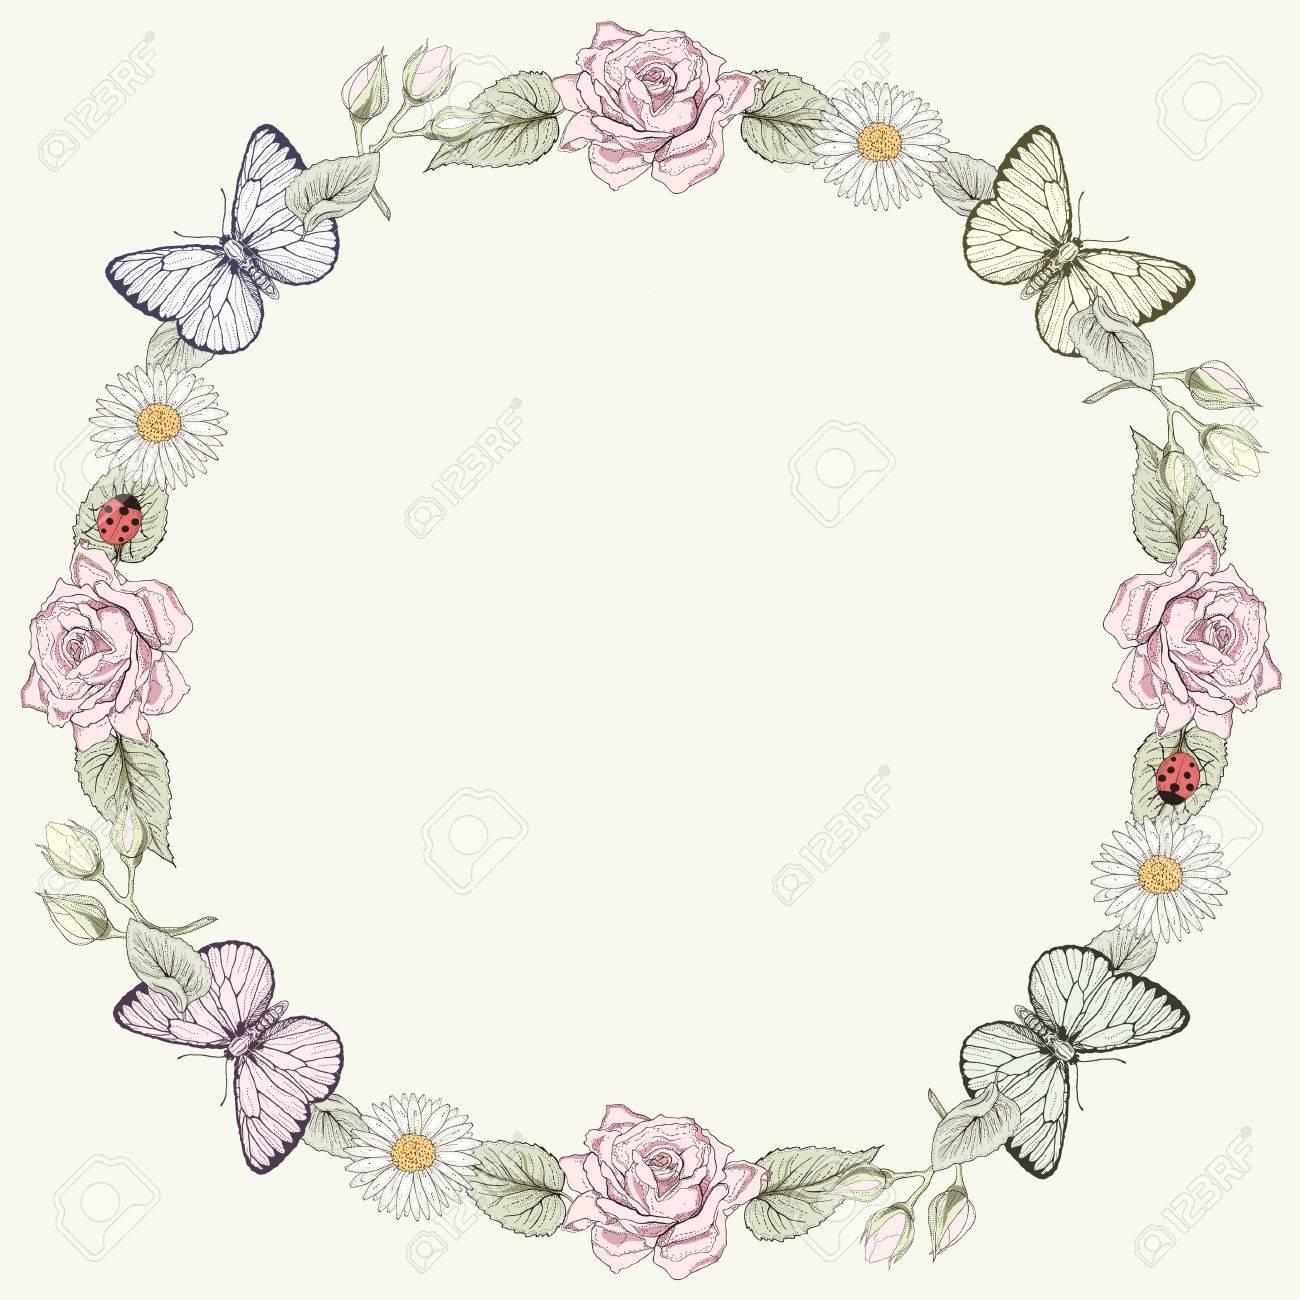 手描きの花フレーム蝶華やかなカラフルなイラストですビンテージ彫刻